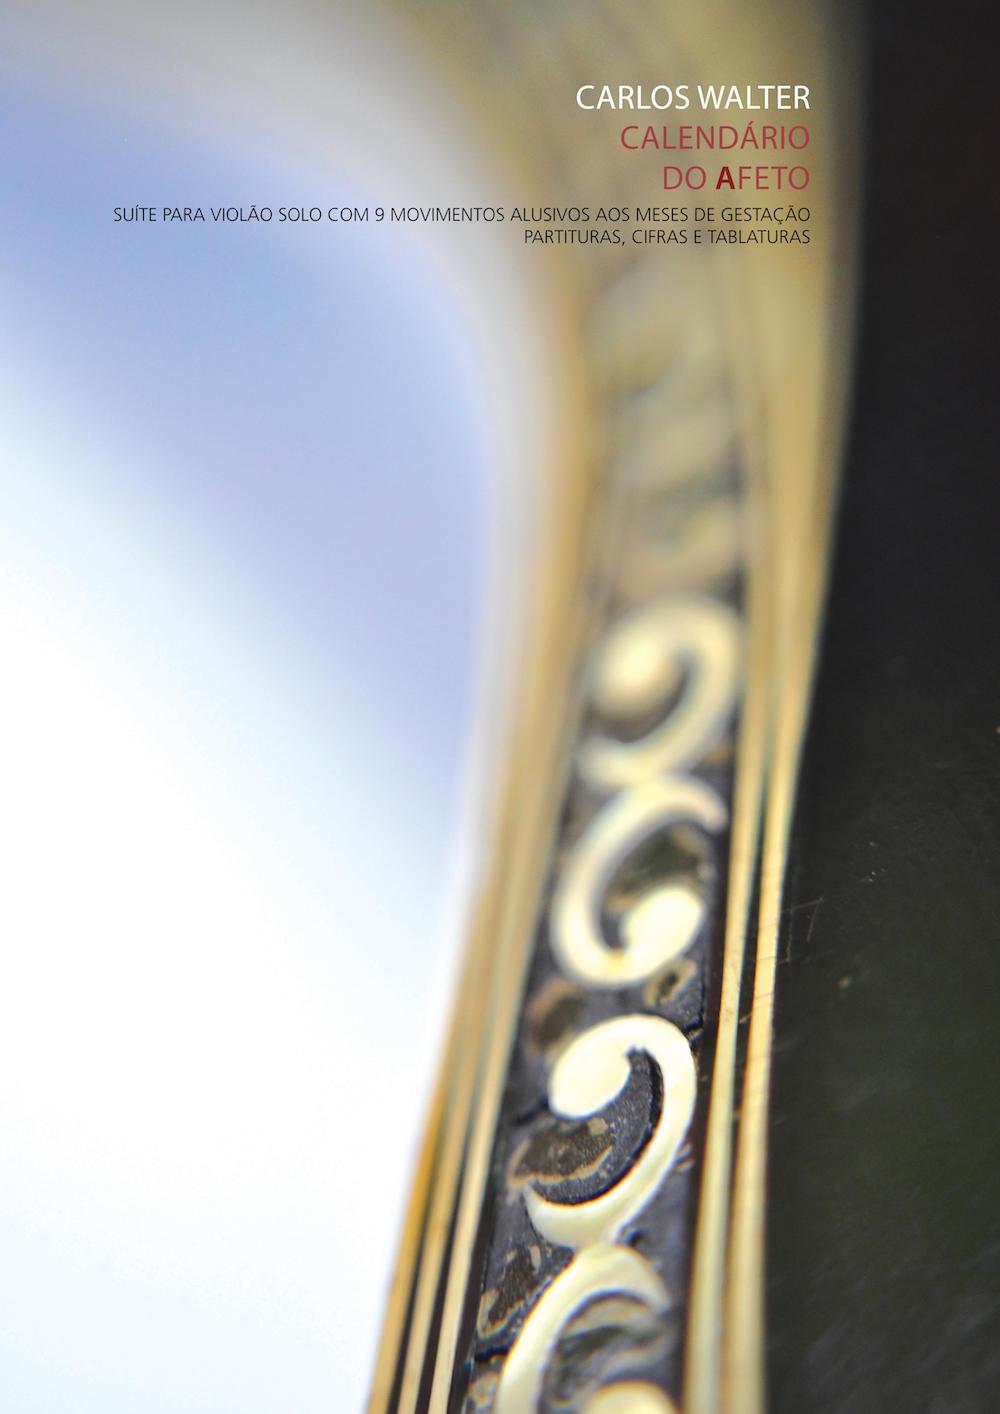 Calendário do Afeto - Carlos Walter - Álbum de partitura, cifra e tablatura